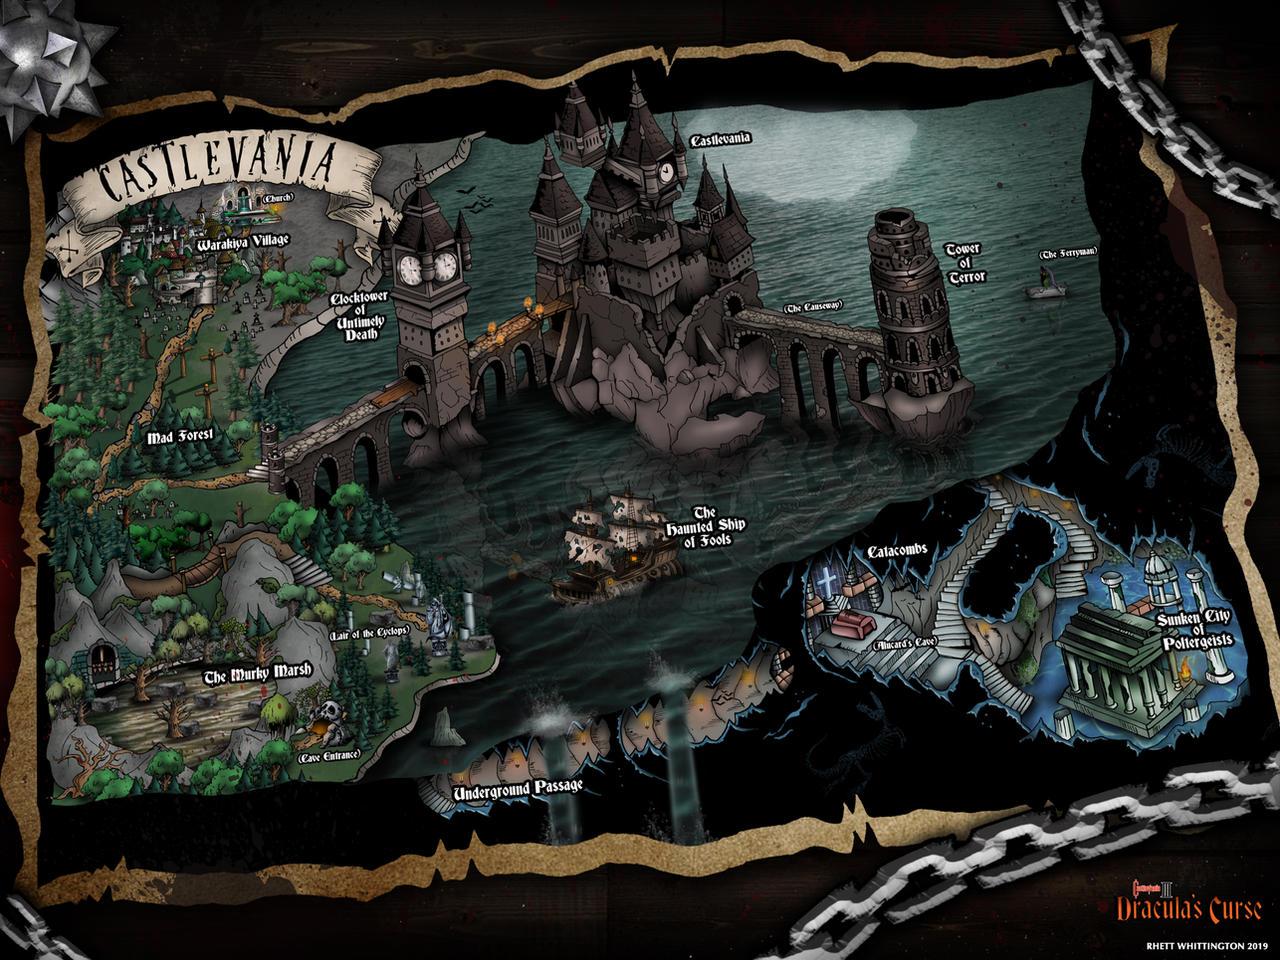 Castlevania 3 Dracula's Curse Map by whittingtonrhett on